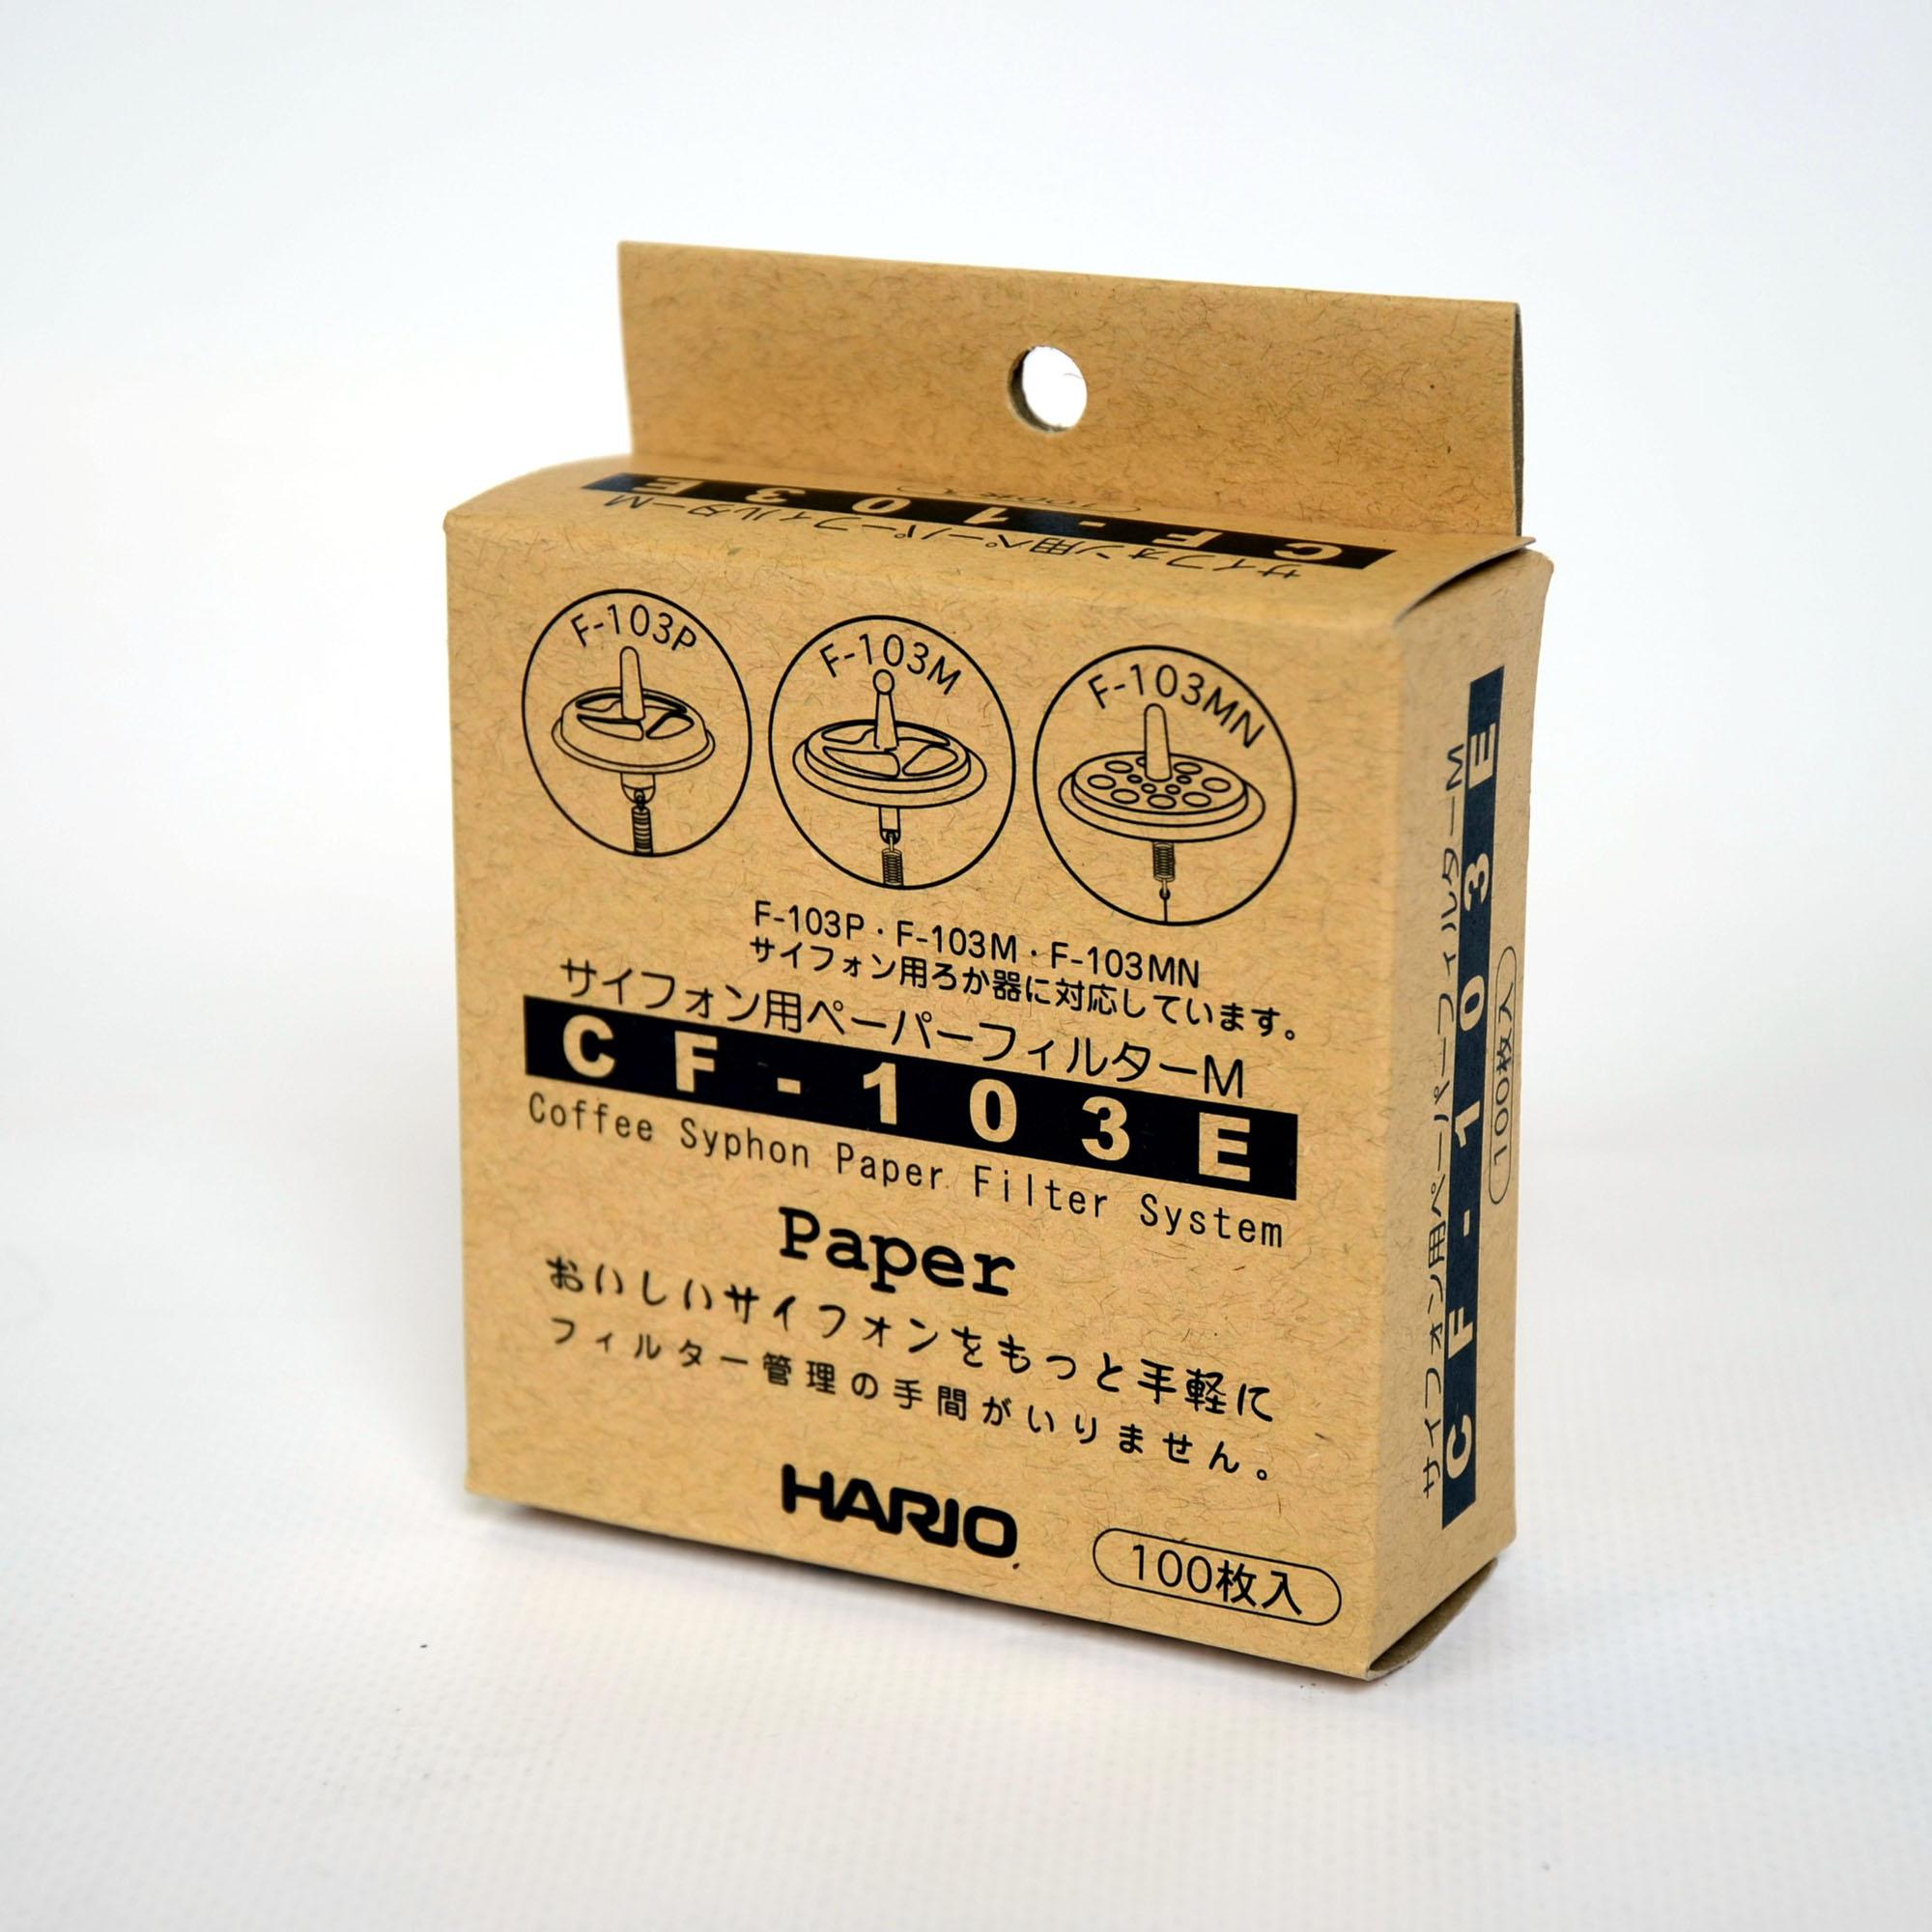 HARIO – Papierfilter für Kaffee-Syphon